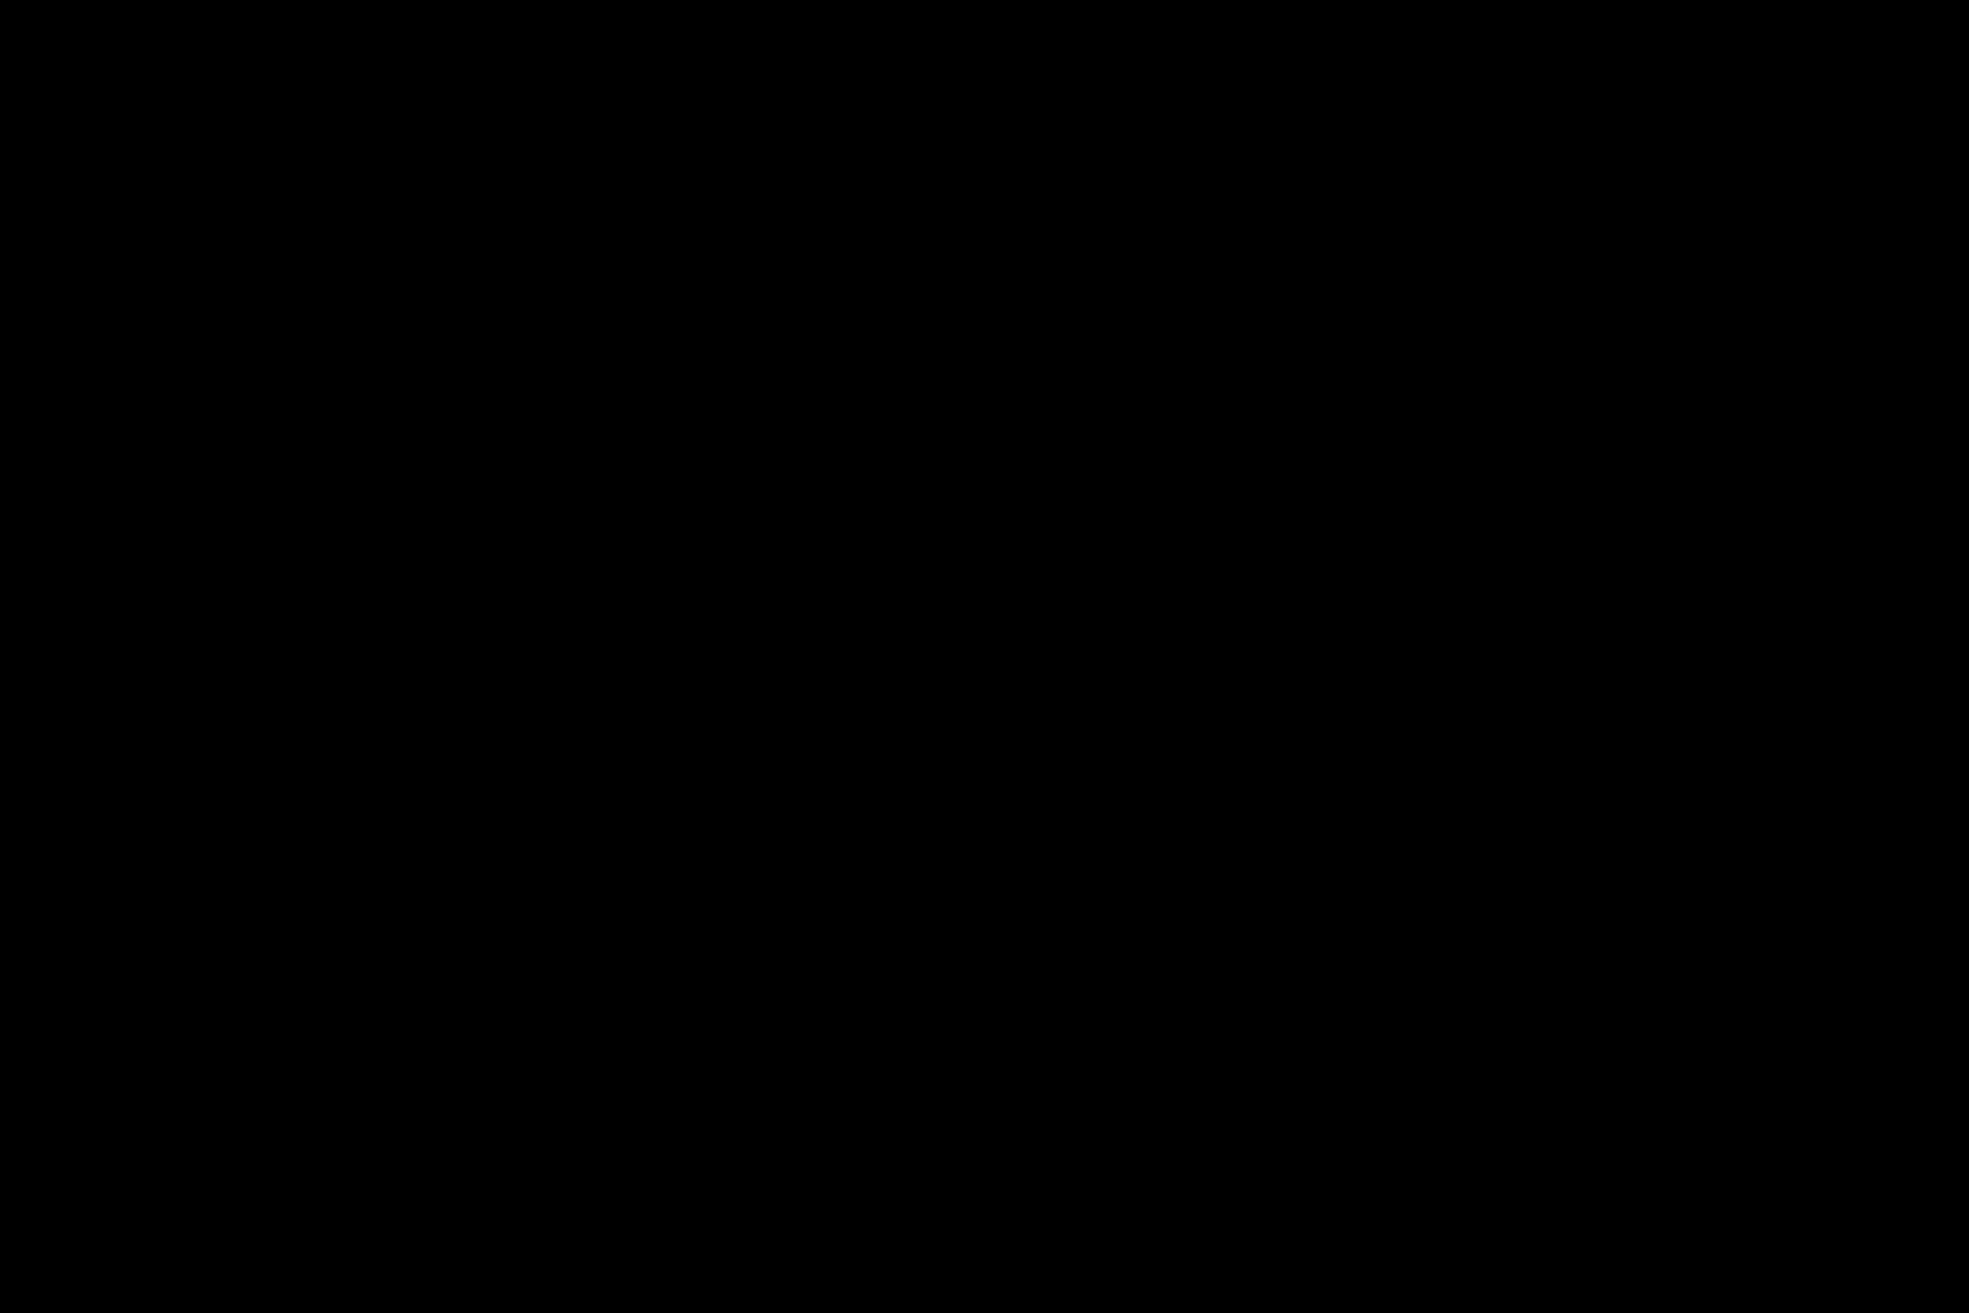 7 juin 2021 – Les sonneurs de trompe dechassereprennent du service